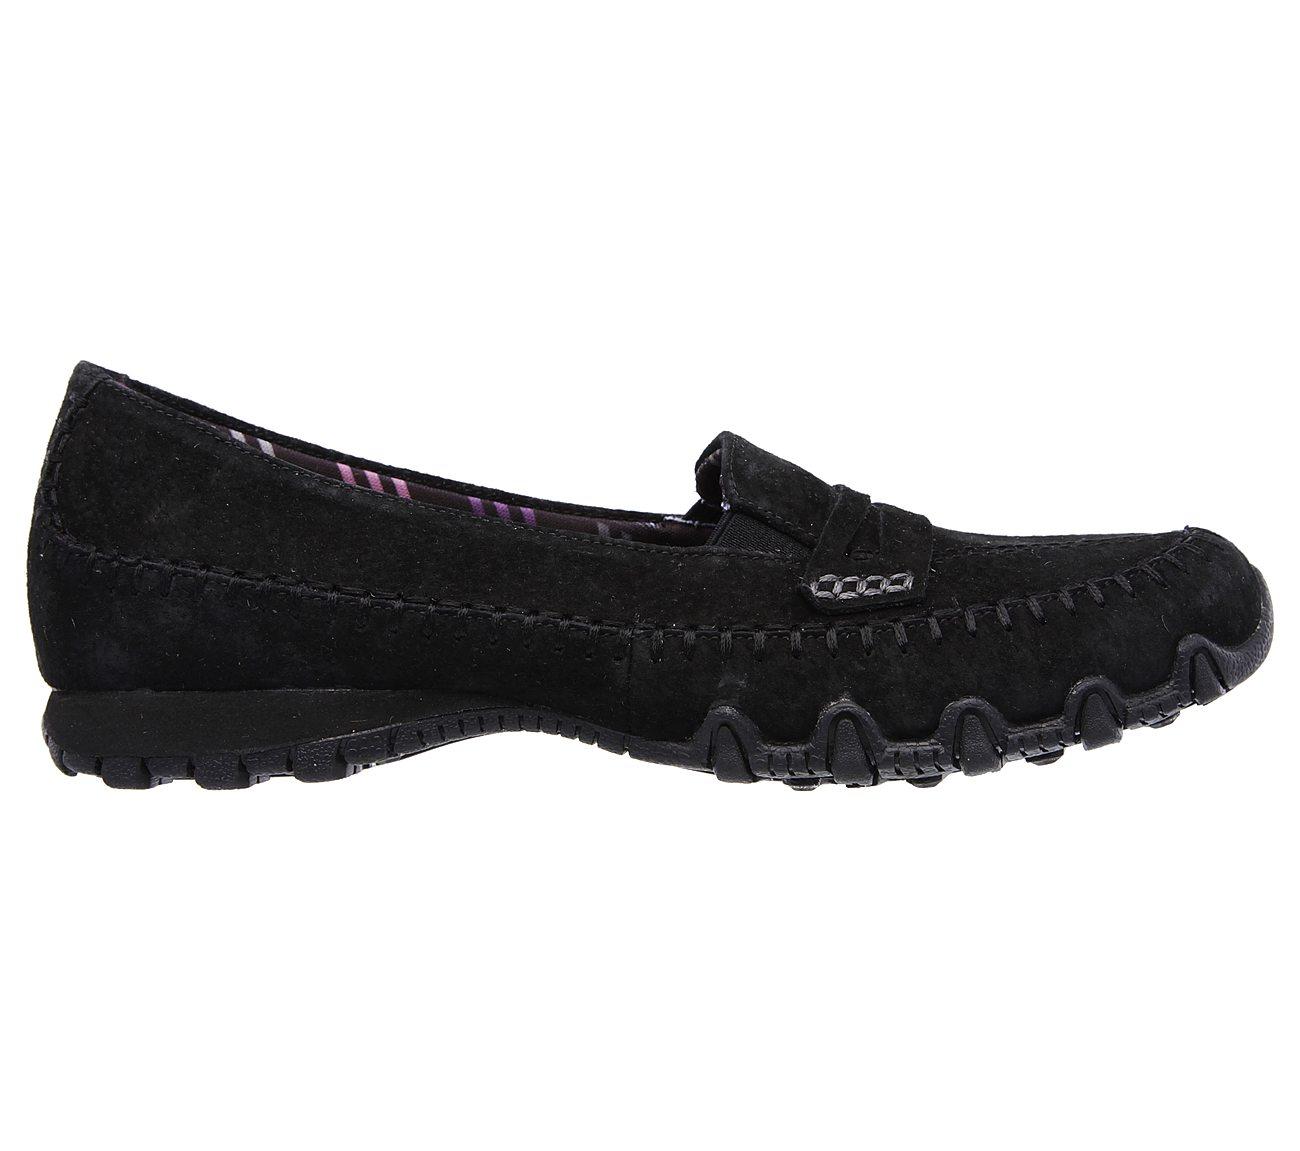 Skechers Biker Roam Suede Loafers Slip On Shoes Womens Footwear Men's Clothing